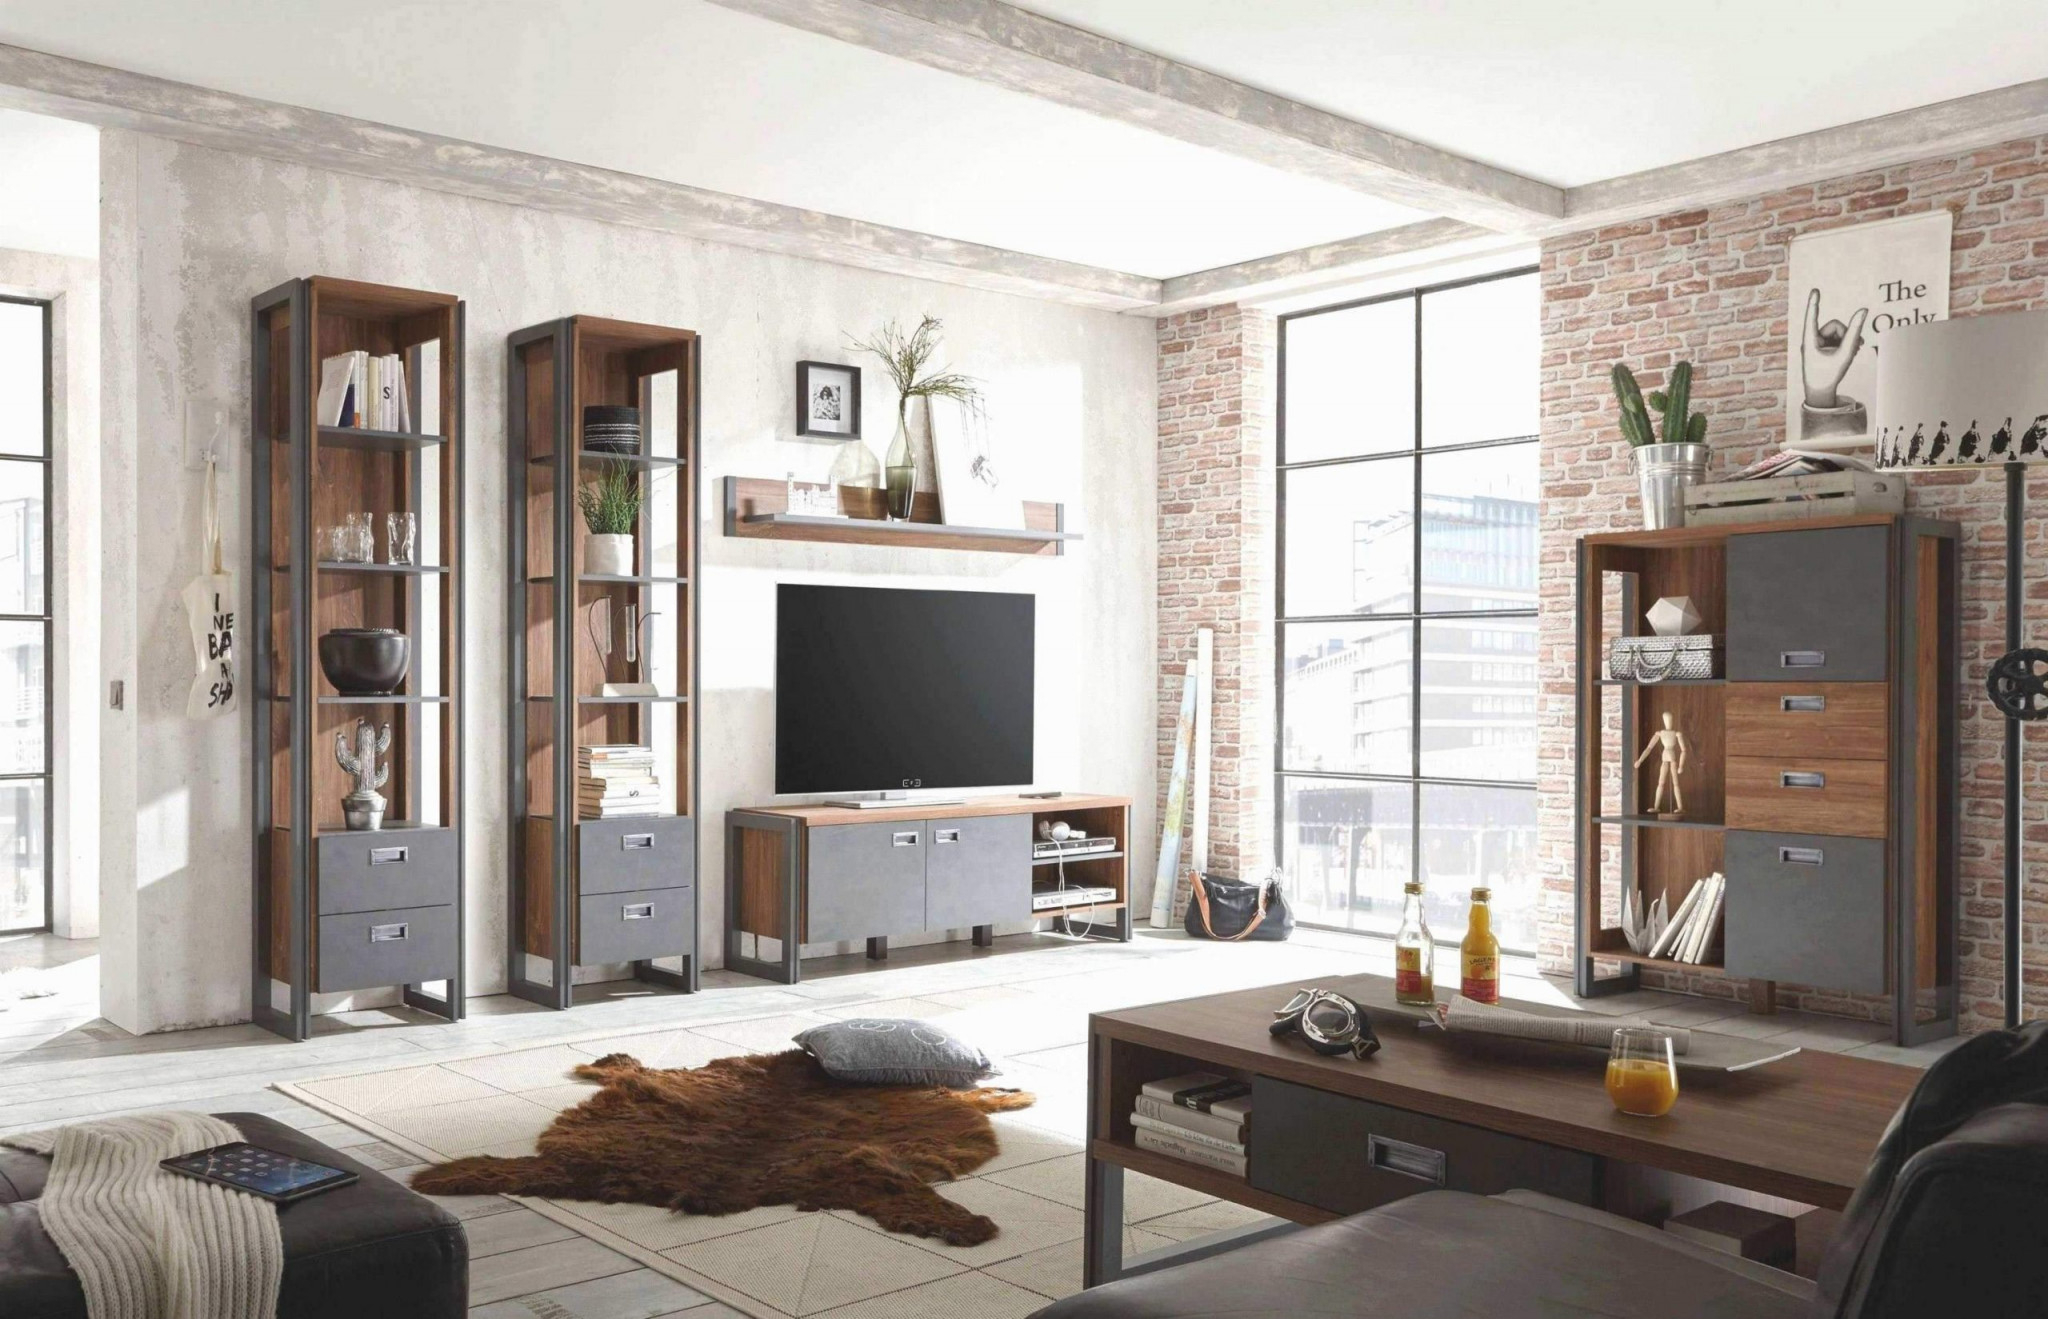 33 Reizend 16 Qm Wohnzimmer Einrichten Genial  Wohnzimmer von Wohnzimmer Gestalten Ideen Photo